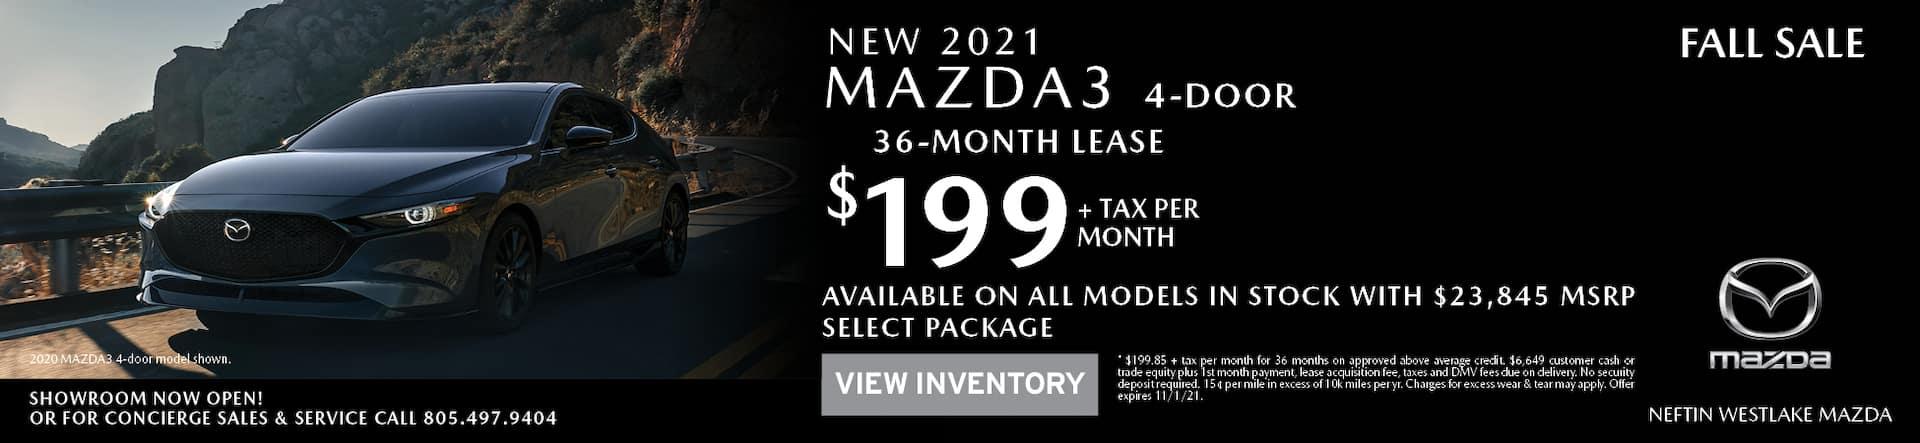 Neftin Westlake Mazda October '21 Mazda3 Sedan Lease Offer